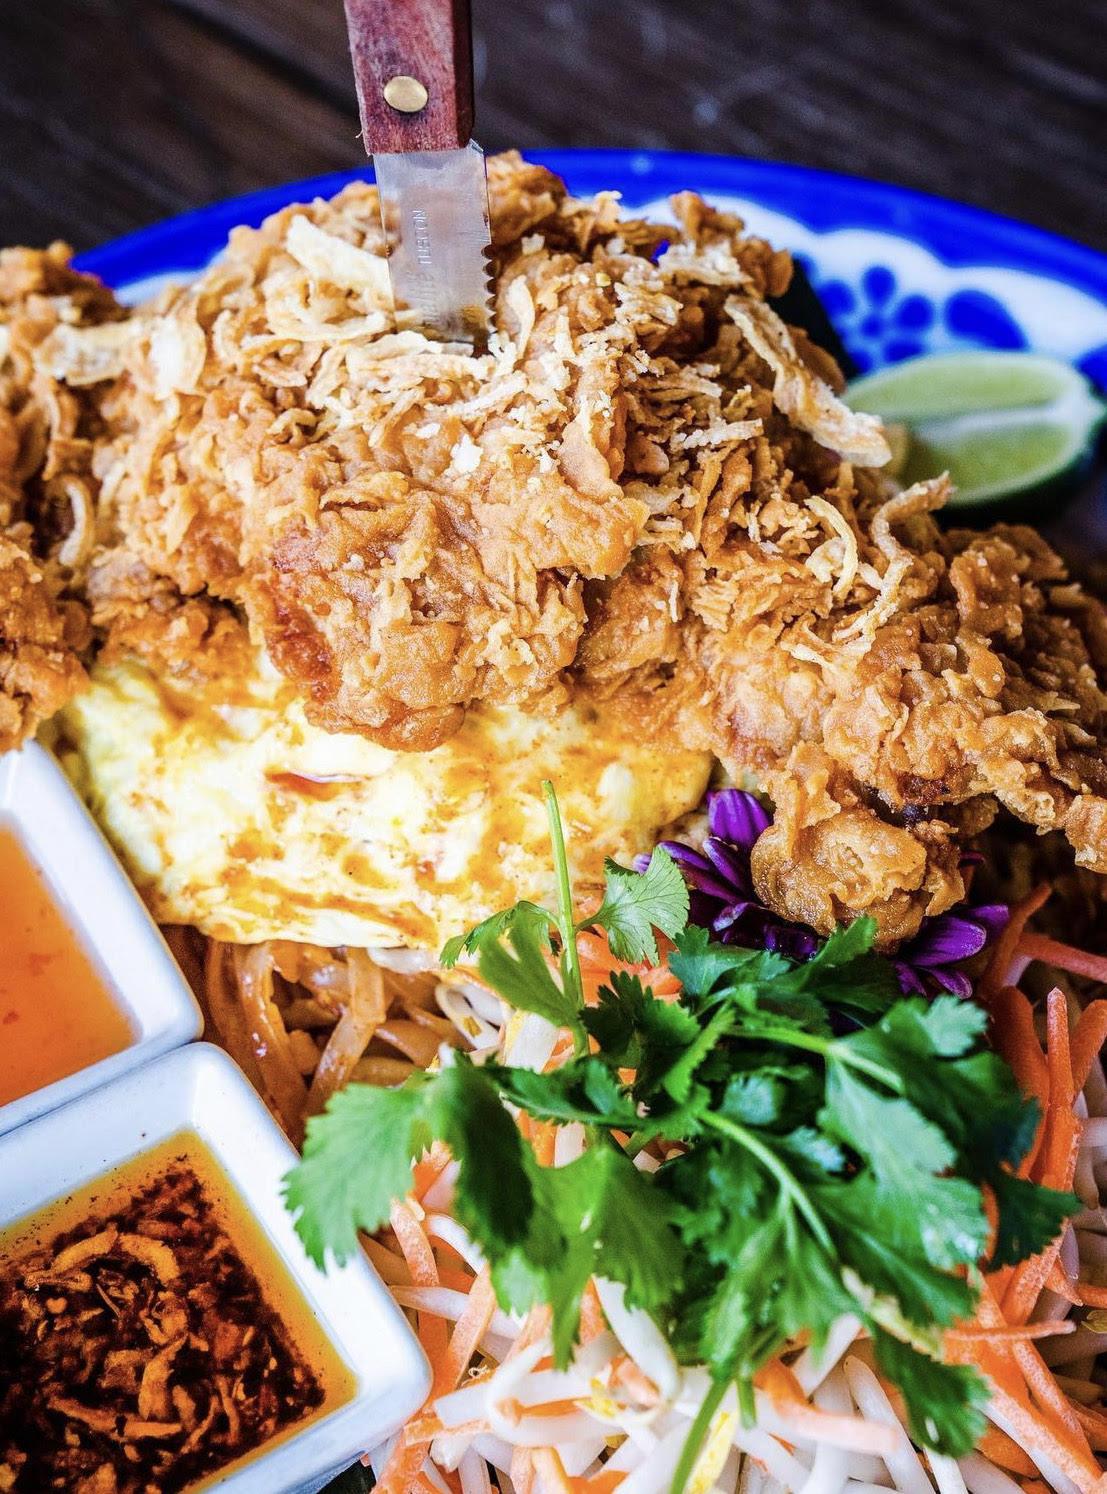 大饱口福~超级丰盛的Thai Food 图1